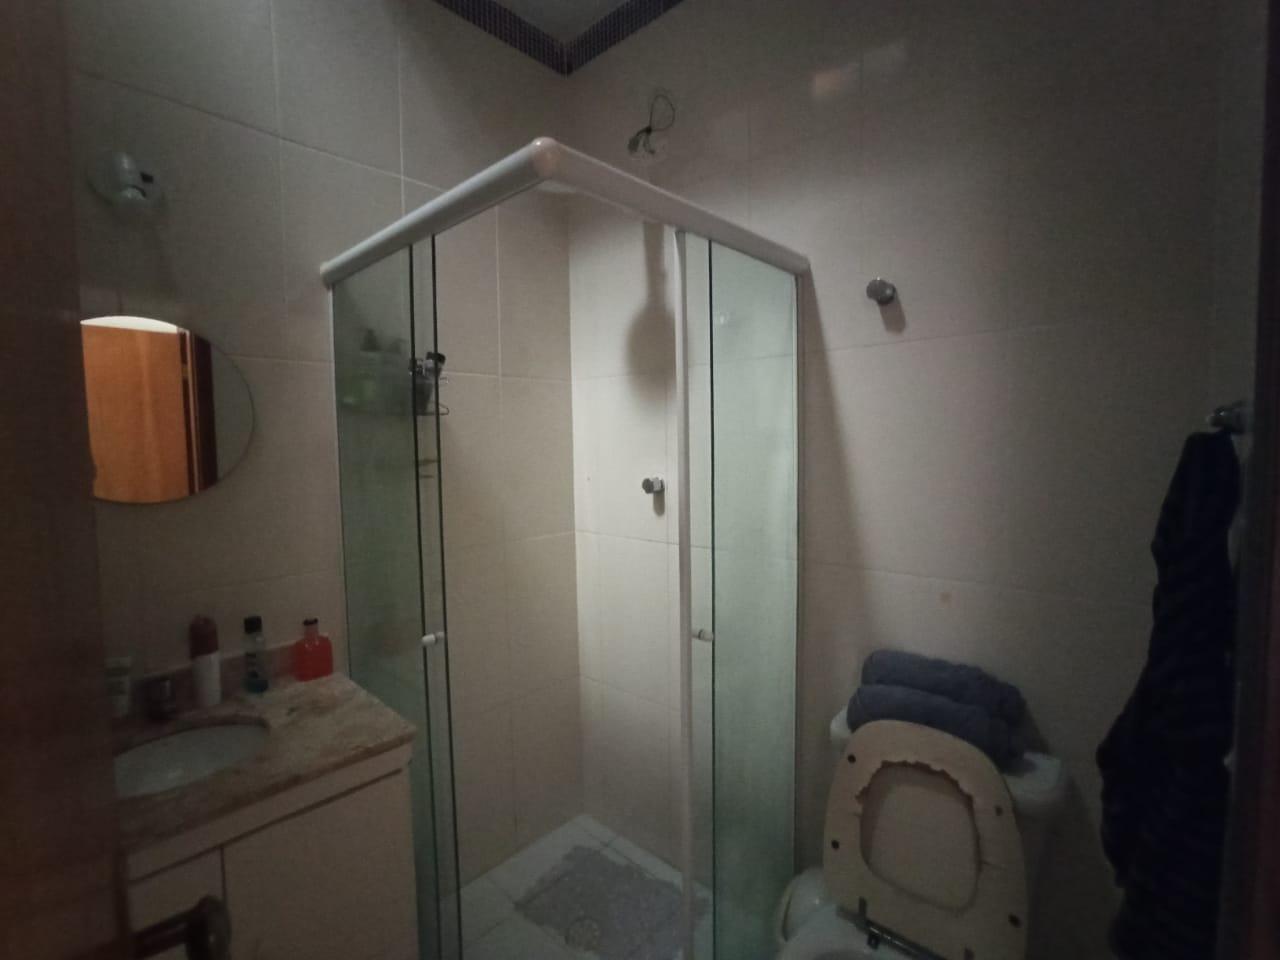 Casa com 3 quartos, sendo um suíte, sala 2 ambientes, três banheiros e duas vagas de garagem. - foto 12